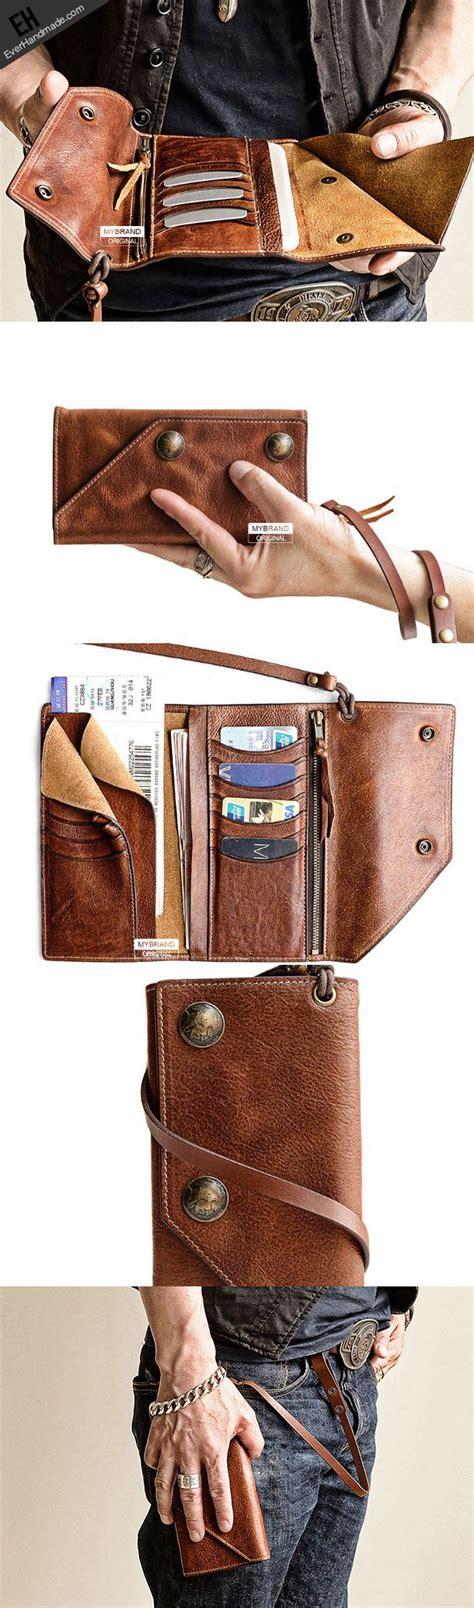 leather trucker wallet pattern handmade leather biker trucker wallet leather chain men